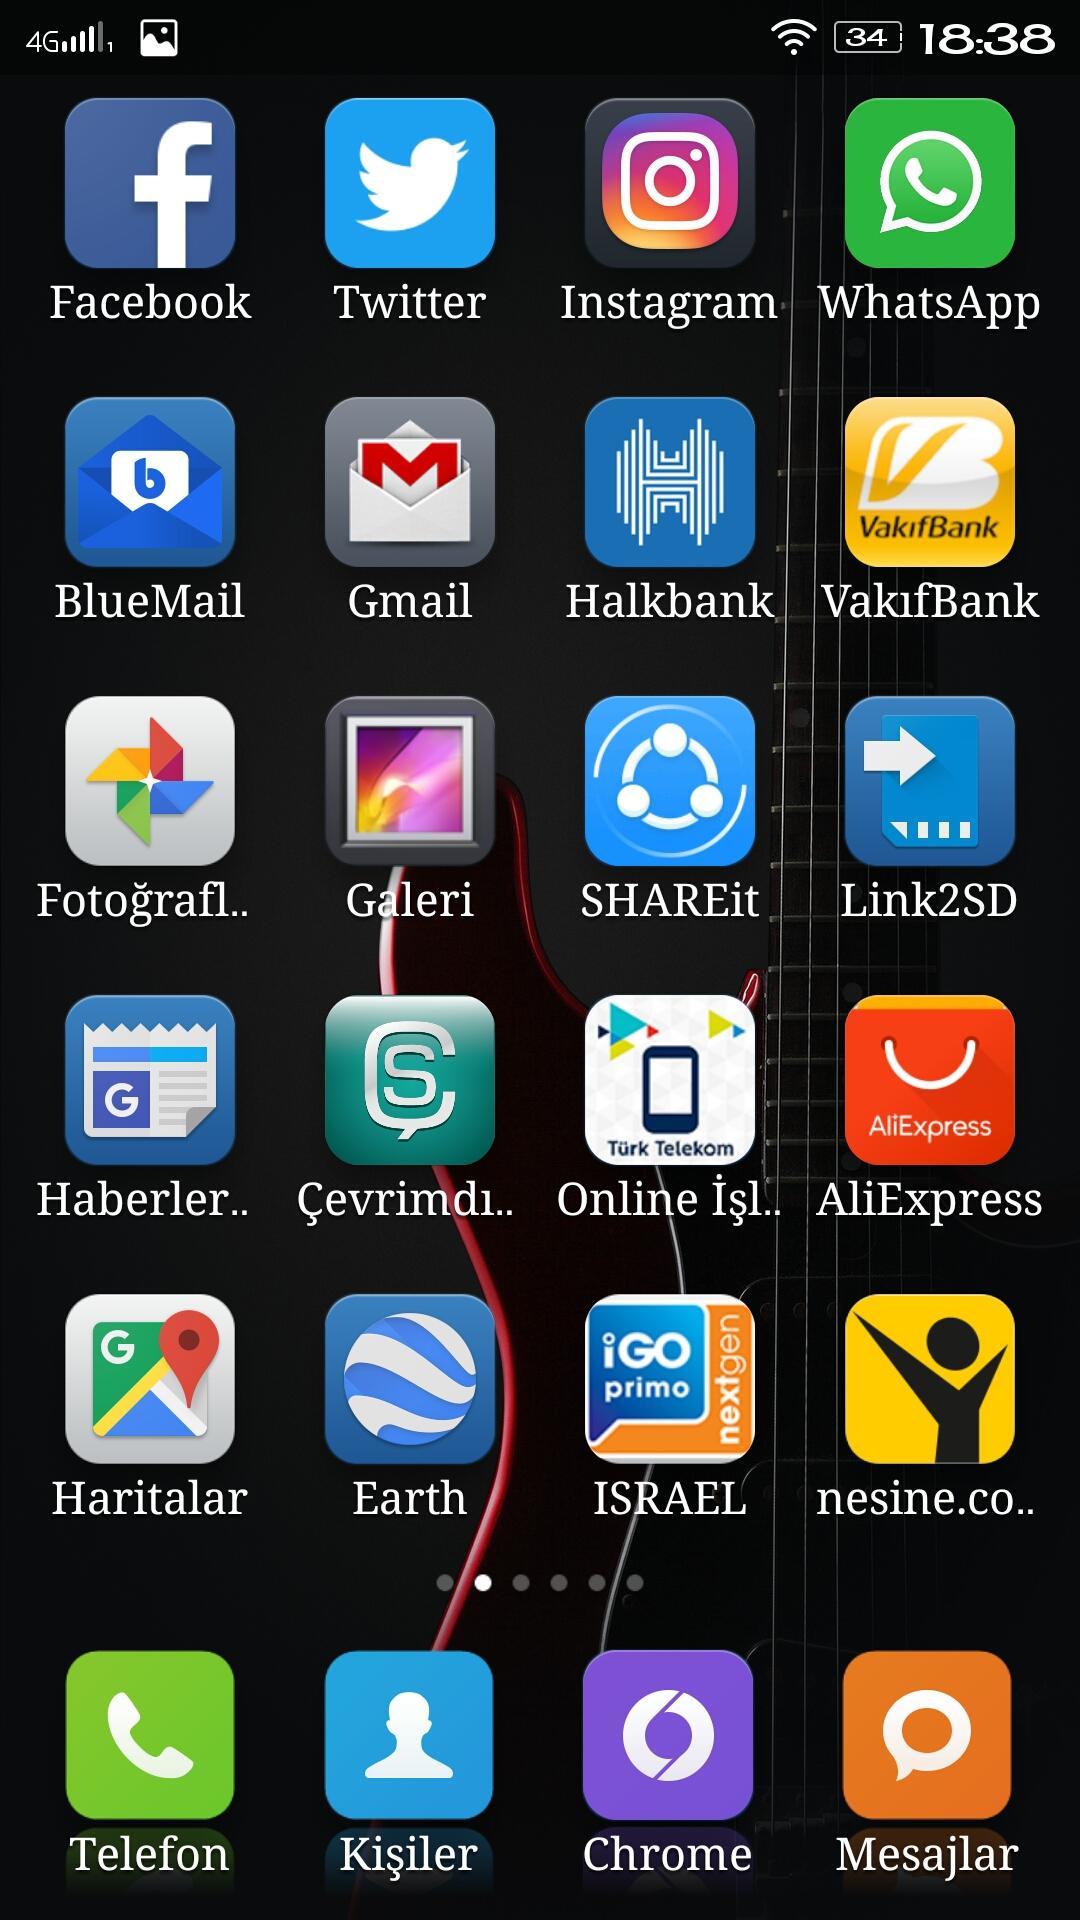 screenshot_2016-08-1r7o26.jpeg